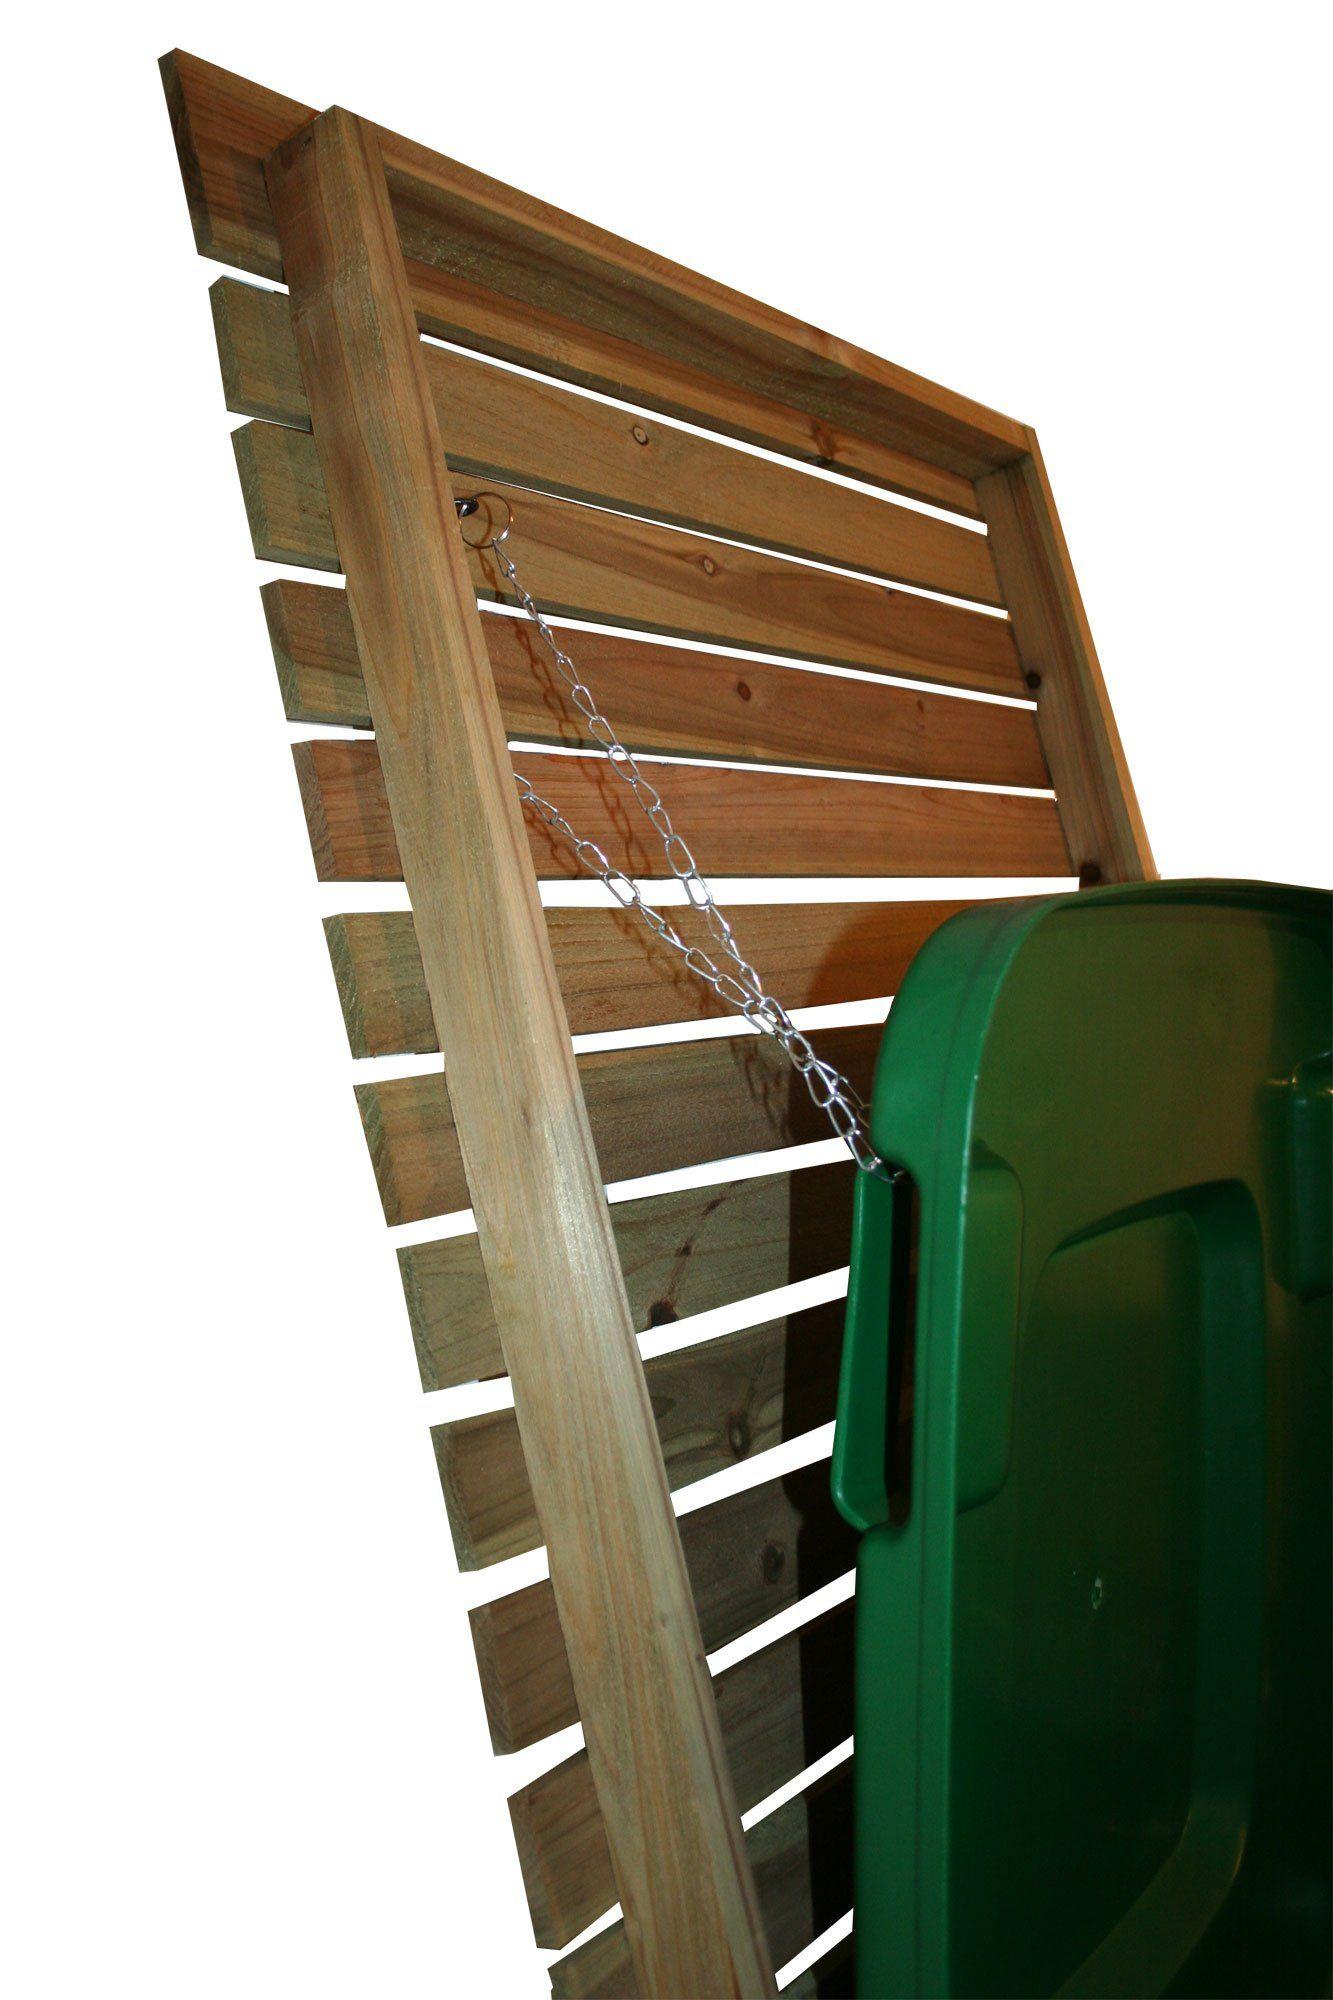 Fabriquer Un Cache Poubelle Impressionnant Image Cache Poubelle Double Sur Roulettes Pour L Extérieur Bois